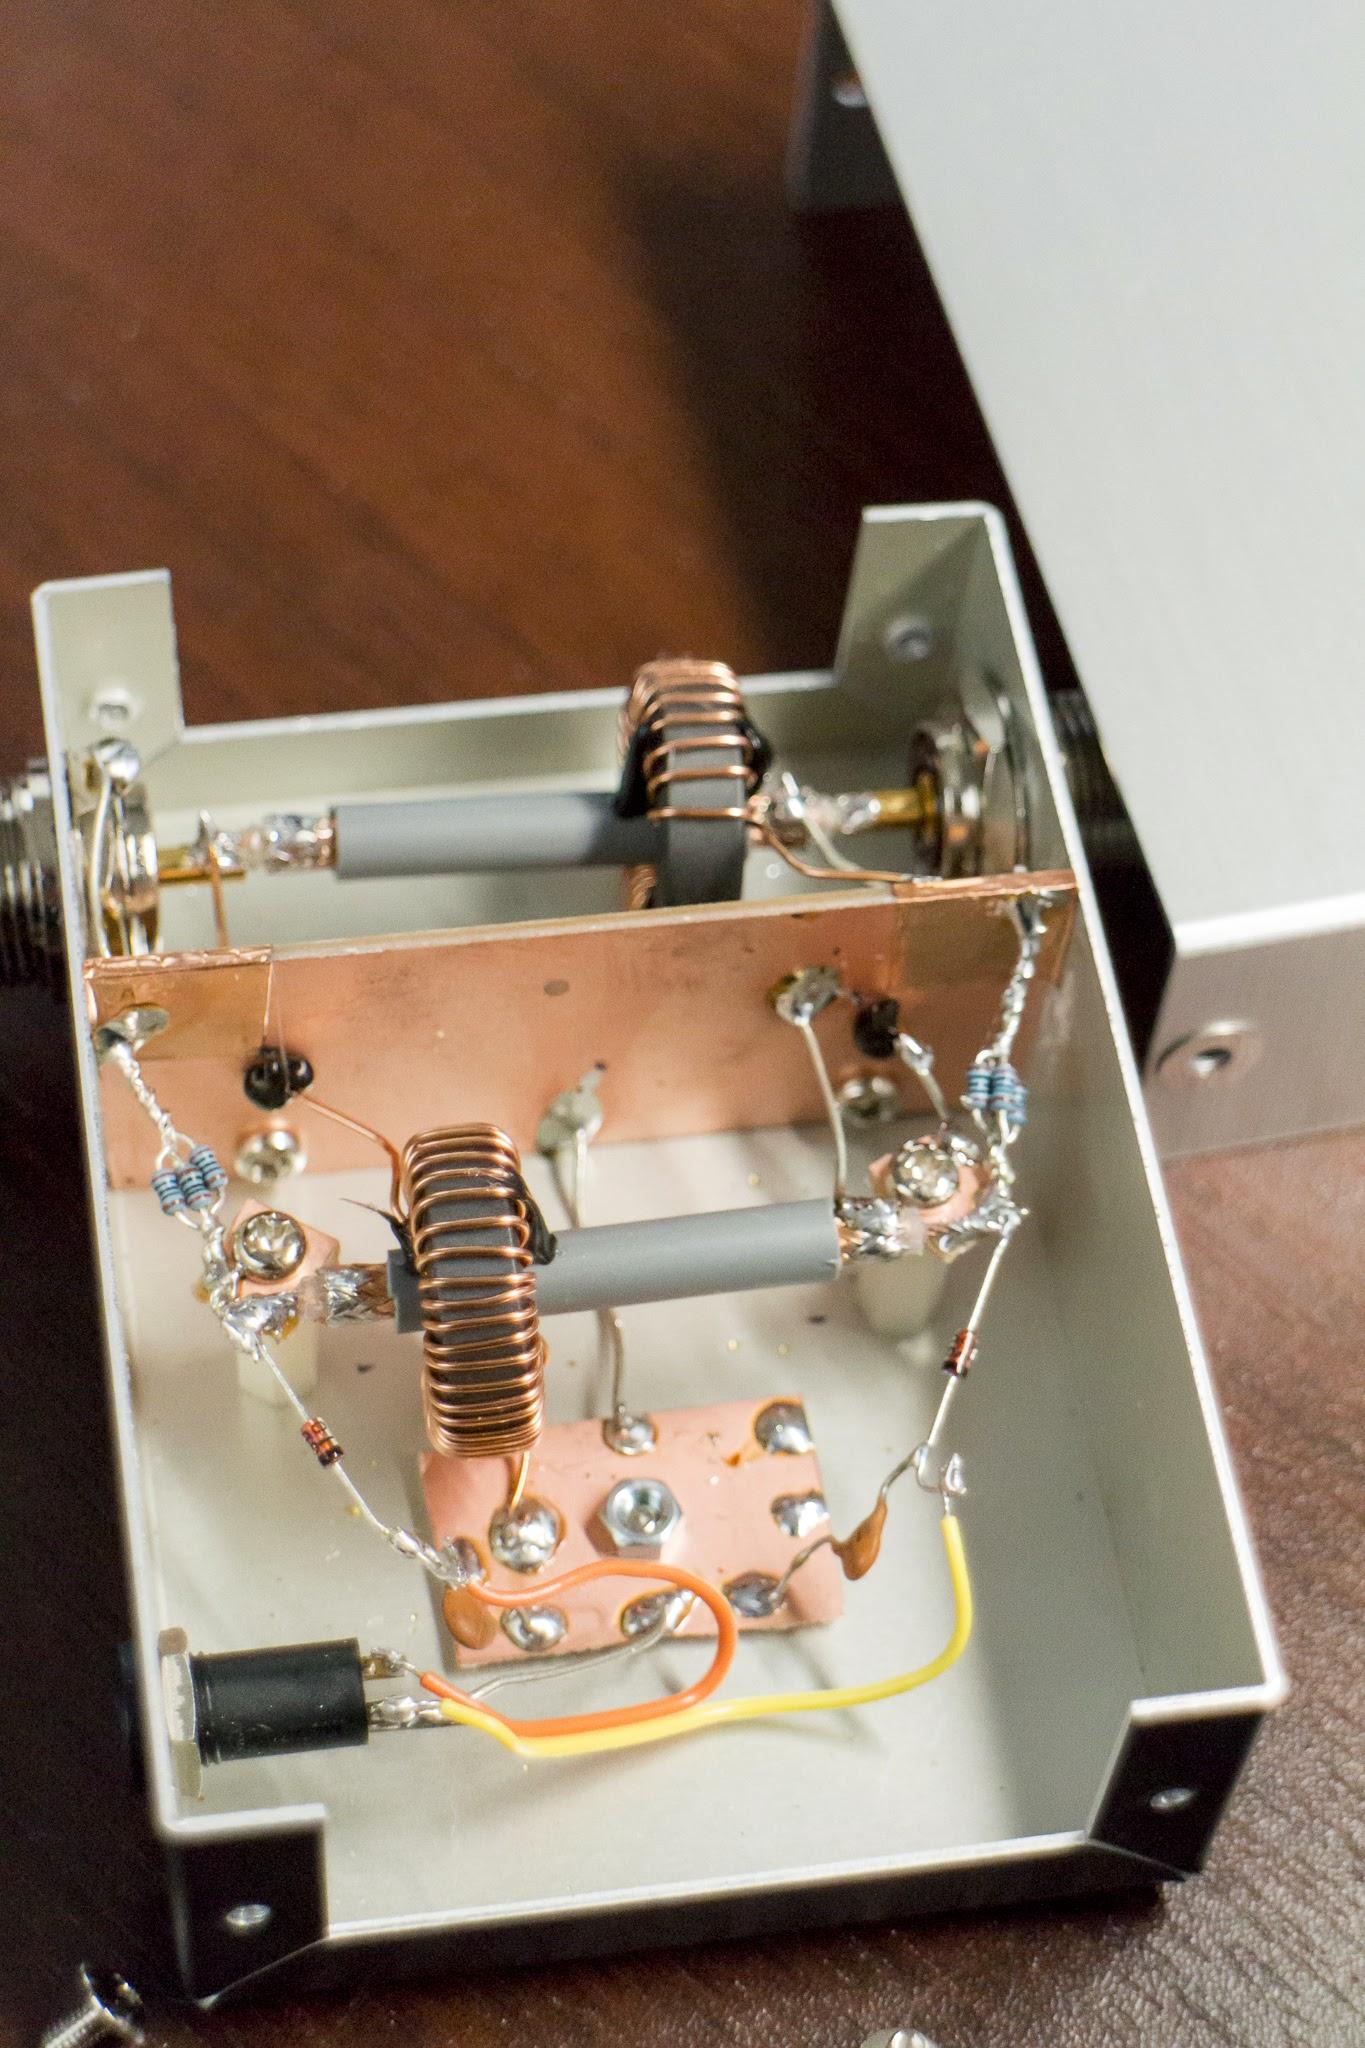 自作デジタル SWR 計 (進行波・反射波電力計)   ham   tech - 氾濫原